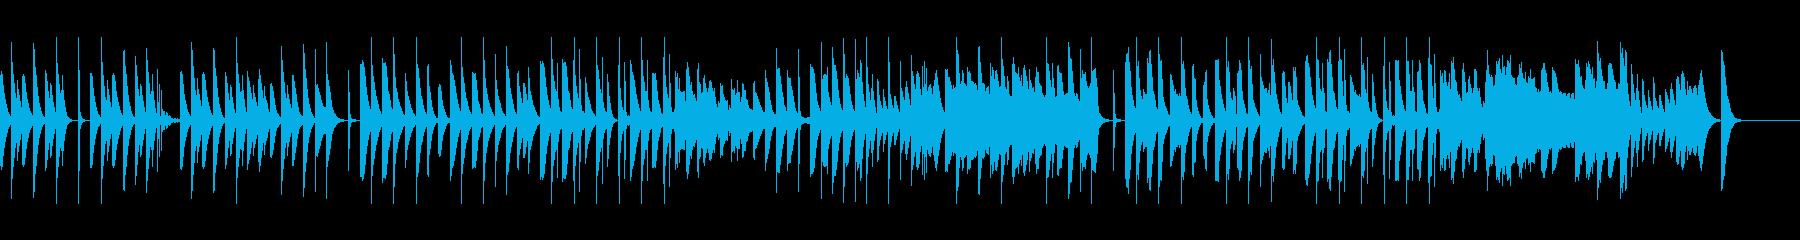 ほのぼのかわいいマリンバとピアニカの再生済みの波形